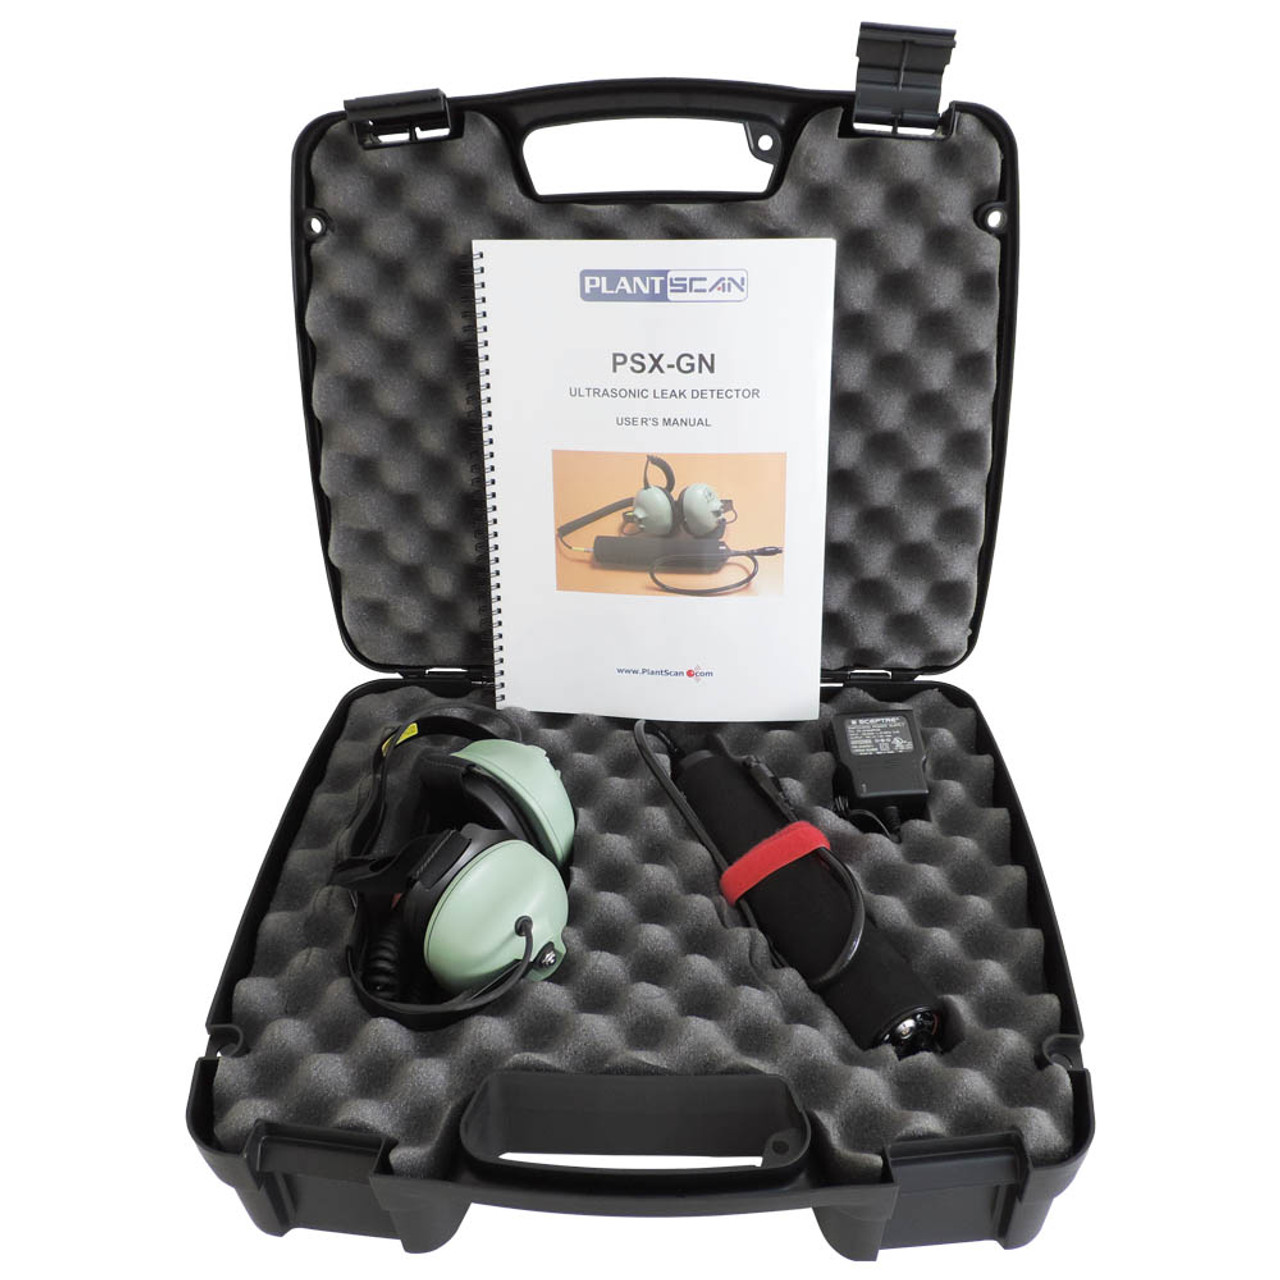 PSX-GN Ultrasonic Leak Detector - Complete Kit